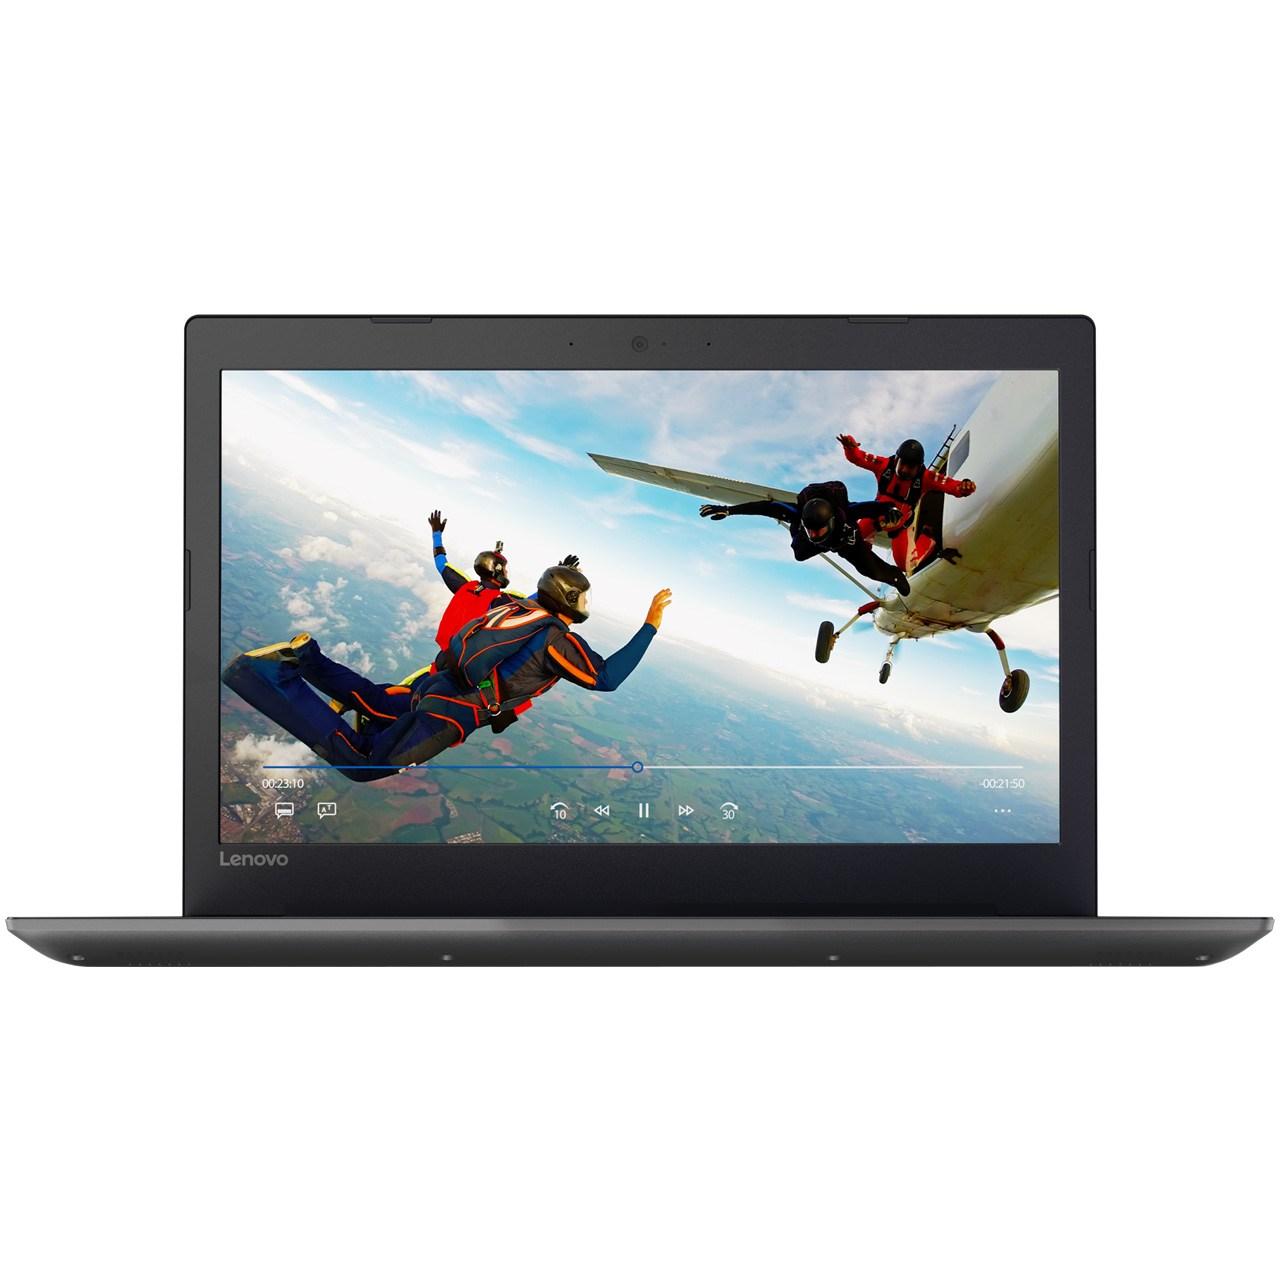 قیمت لپ تاپ 15 اینچی لنوو مدل Ideapad 320 - P